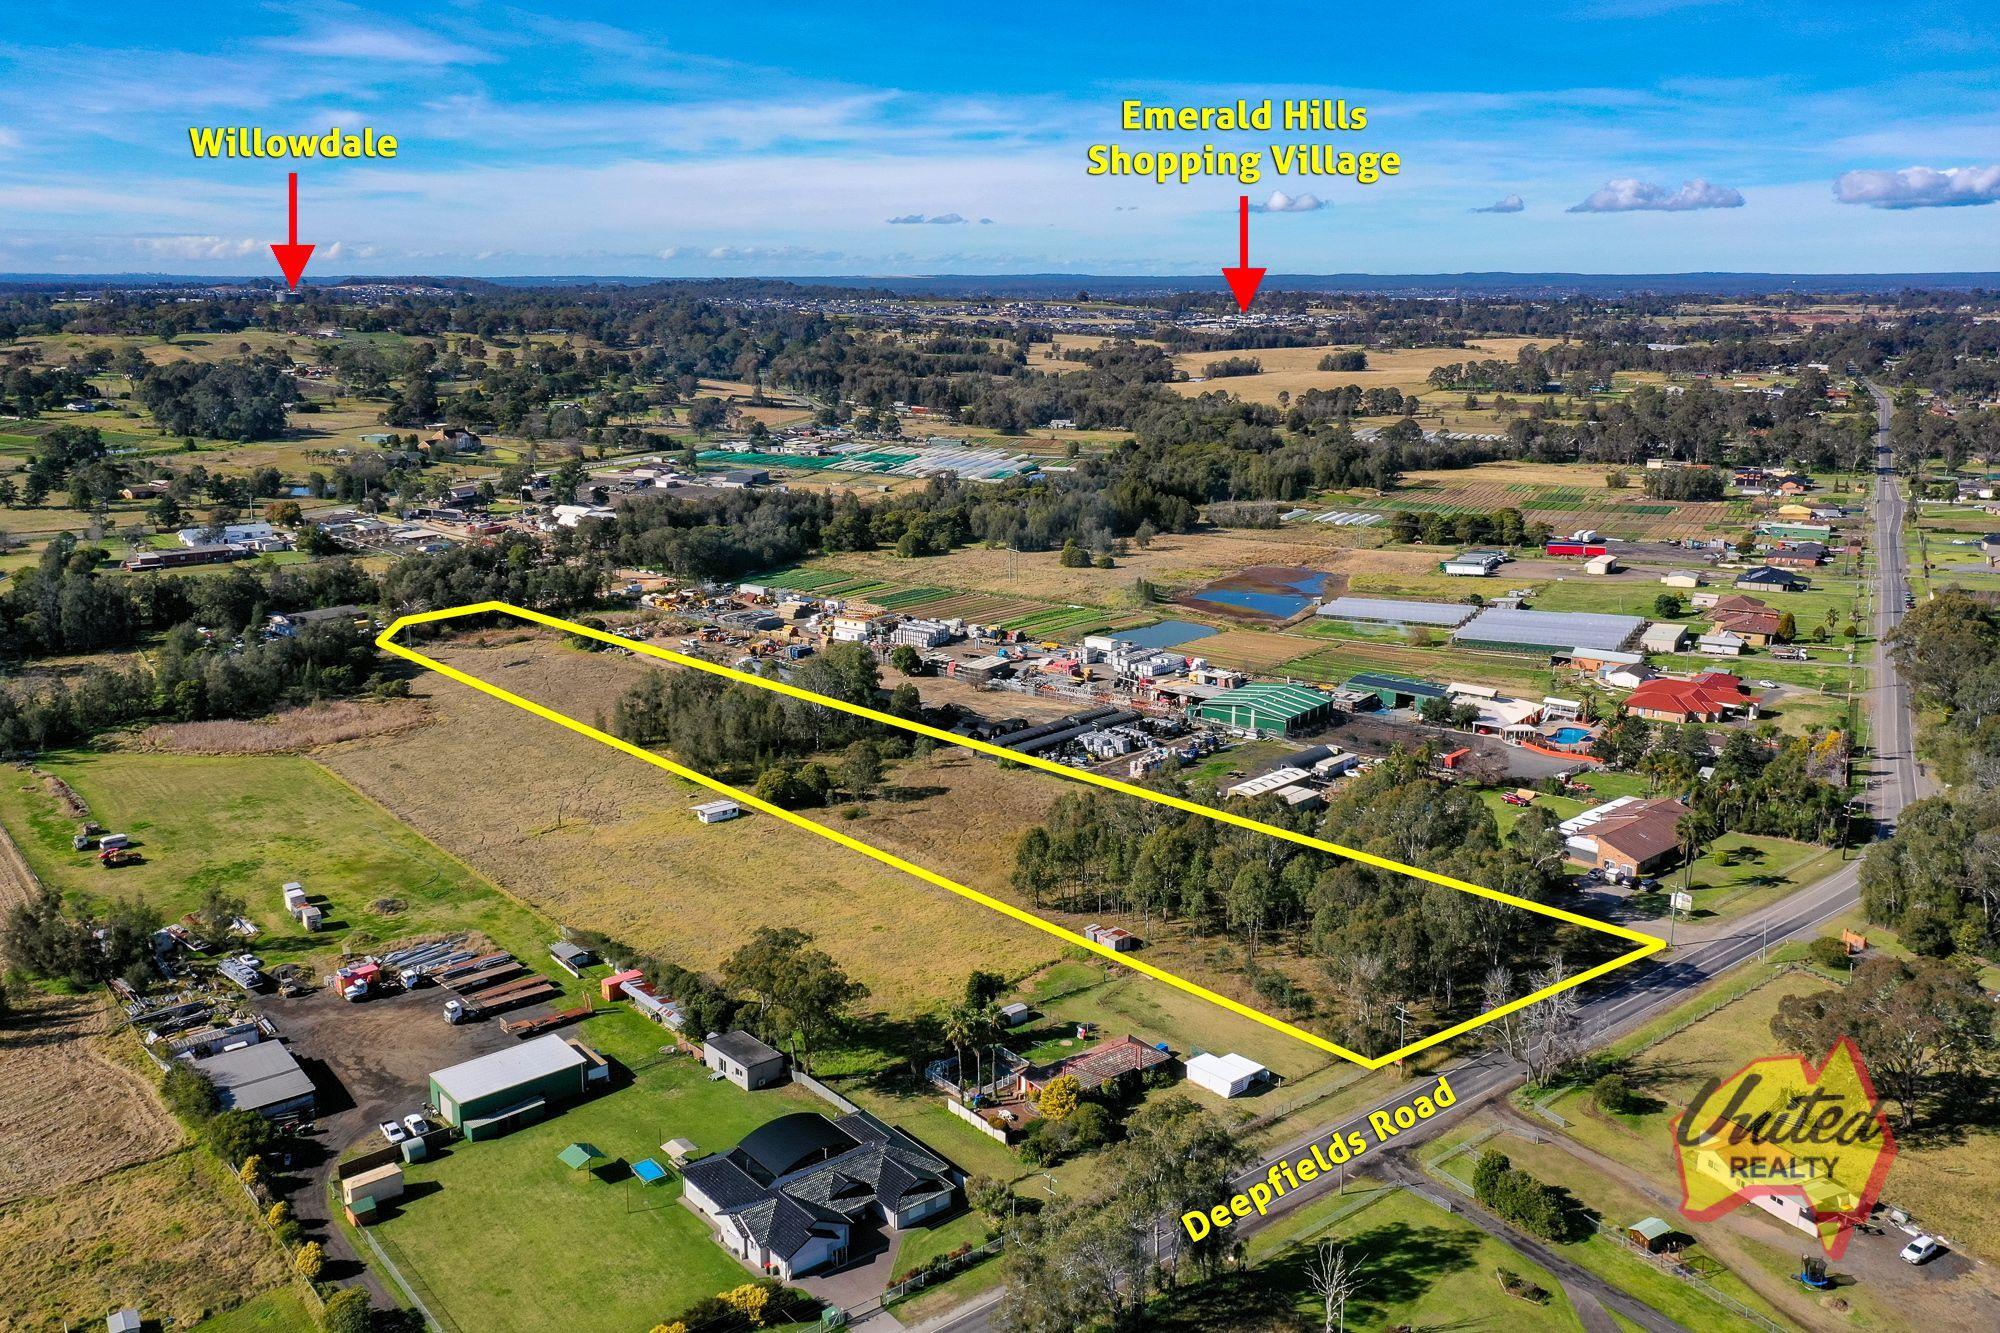 240 Deepfields Road Catherine Field 2557